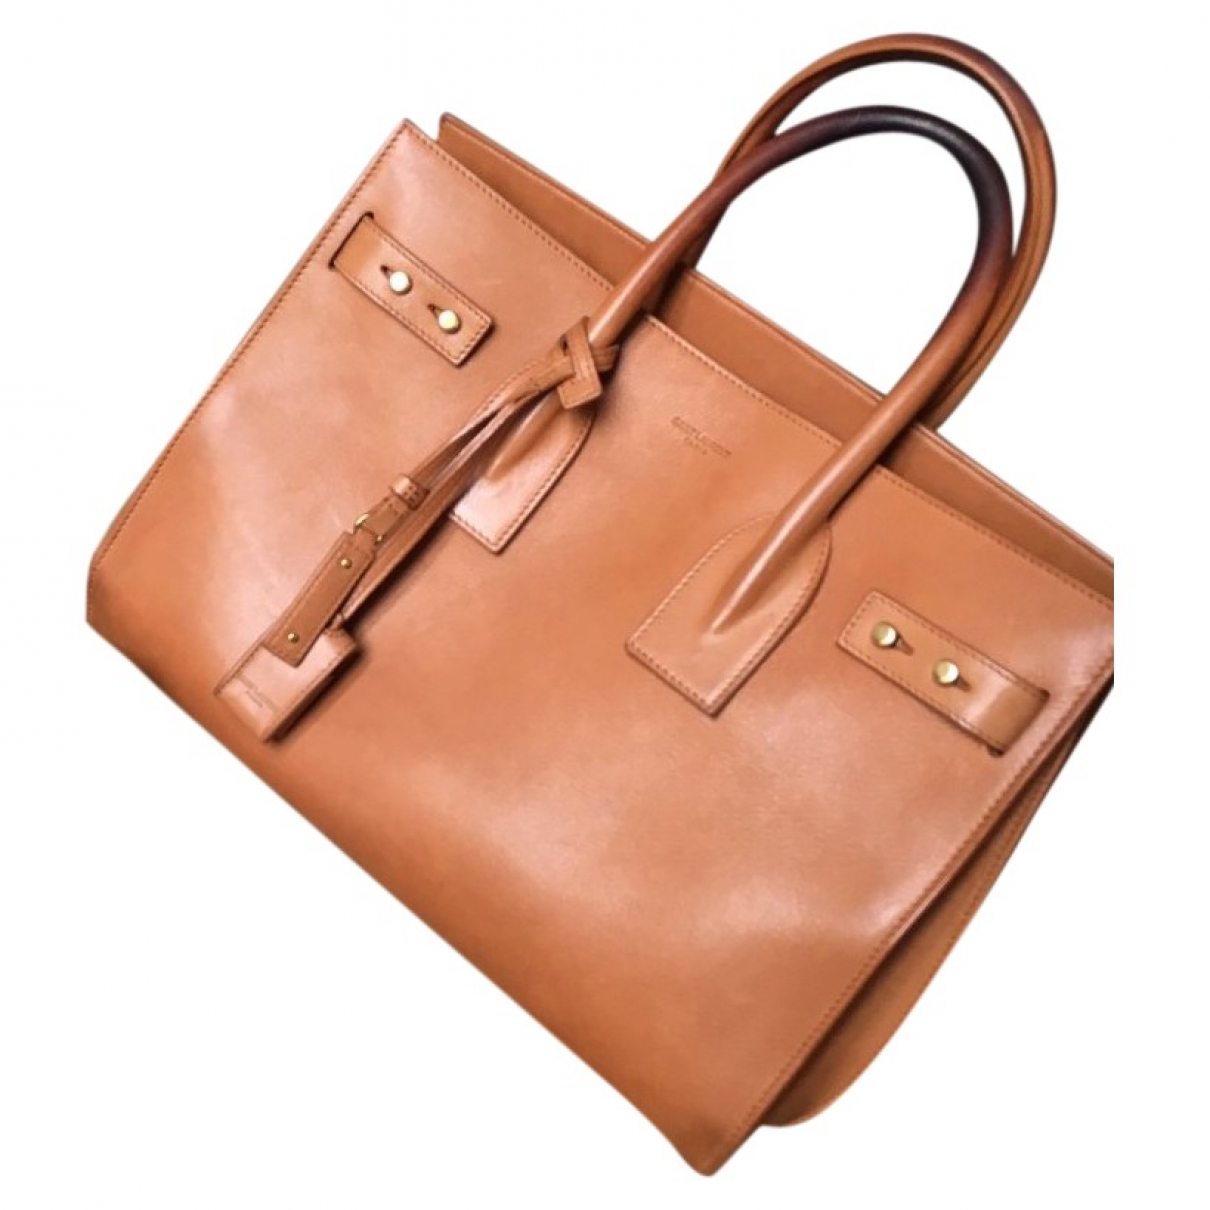 Saint Laurent Sac de Jour Camel Leather handbag for Women \N